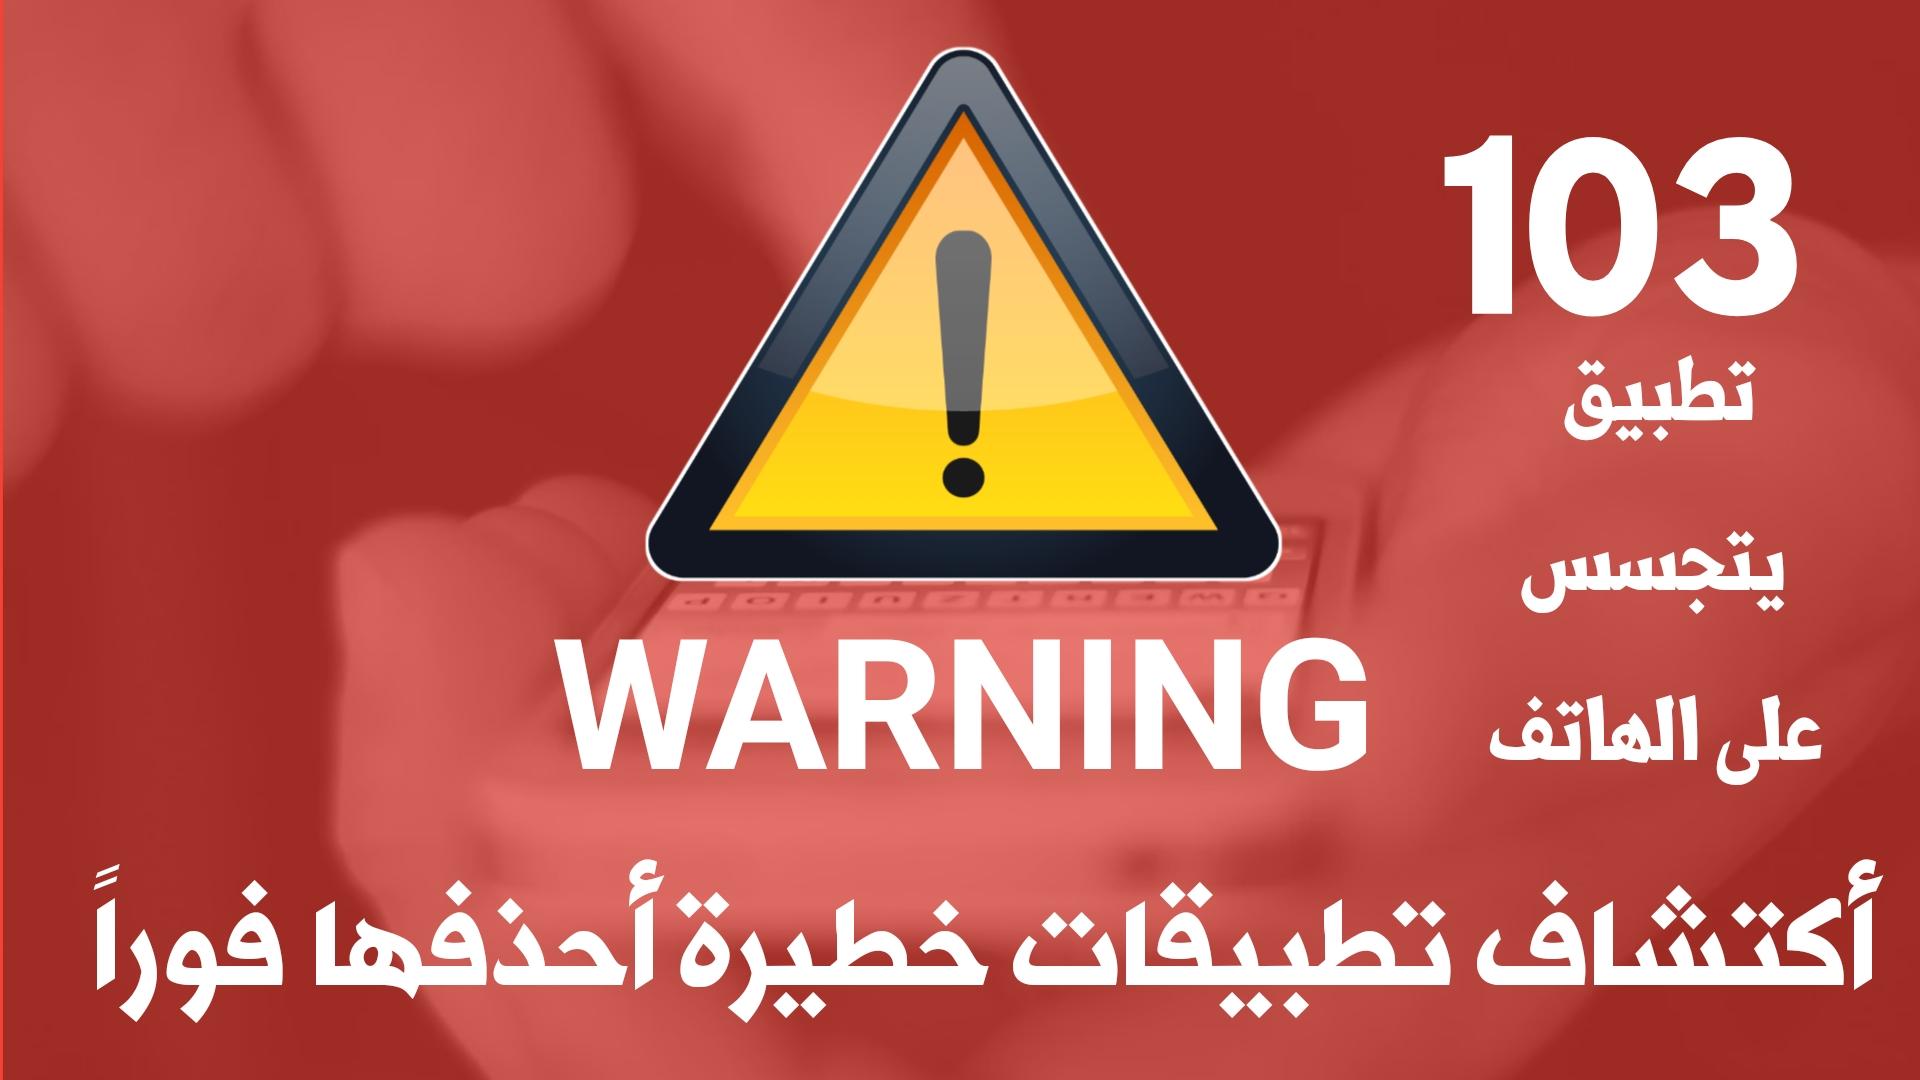 103 تطبيق أذا كان أحدها على هاتفك أحذفة فوراً !!! فهو يتجسس عليك ! حسب شركة CyberNews